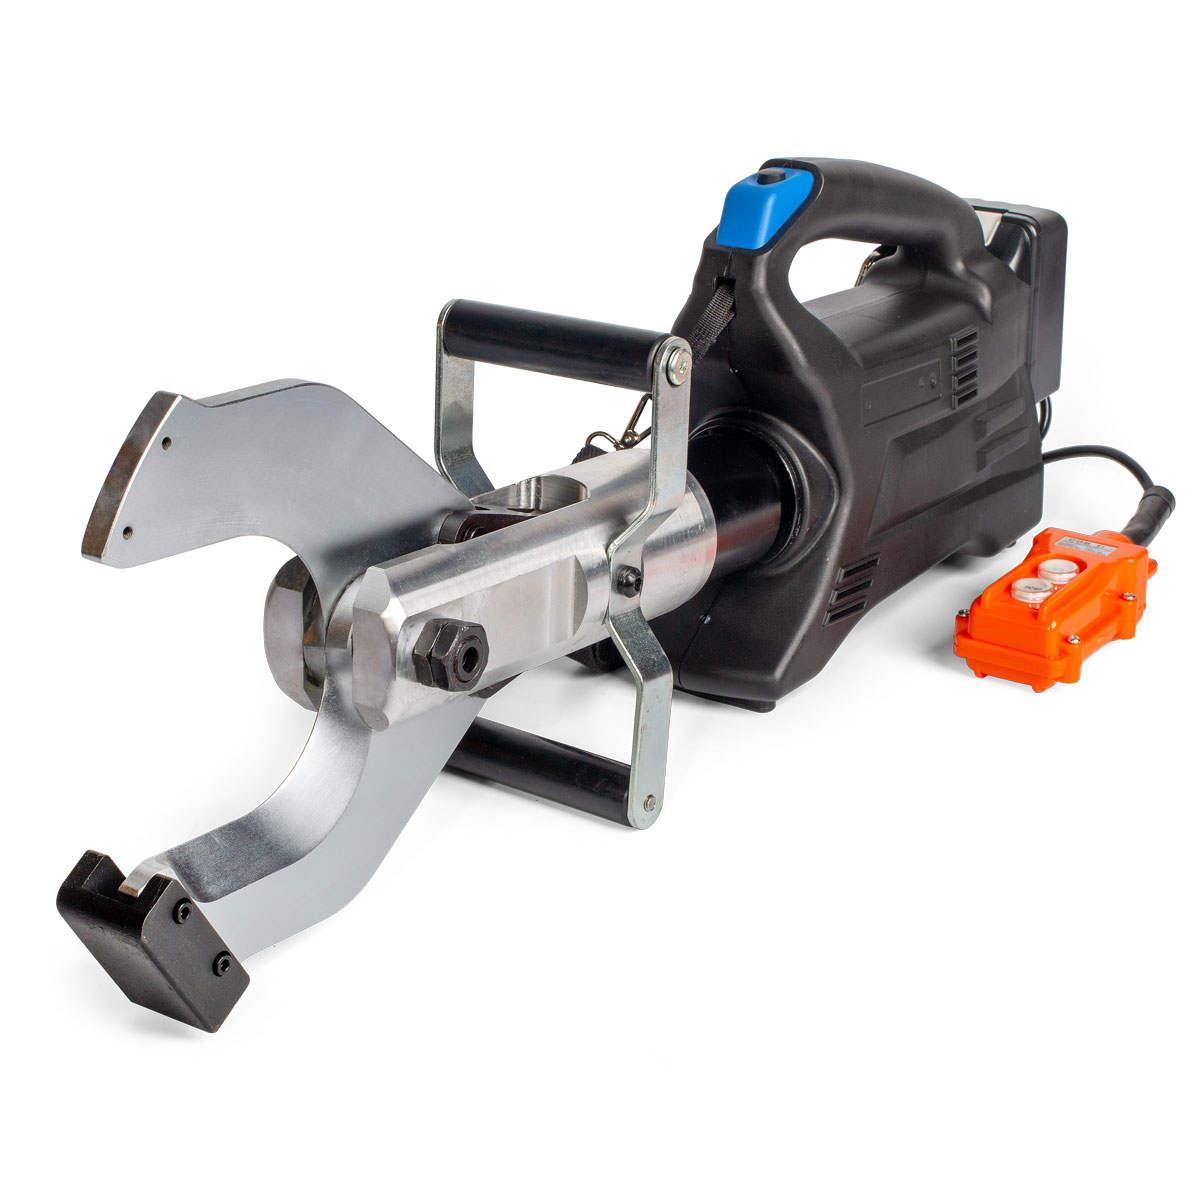 НГРА-105 Гидравлические аккумуляторные ножницы для резки бронированных кабелей